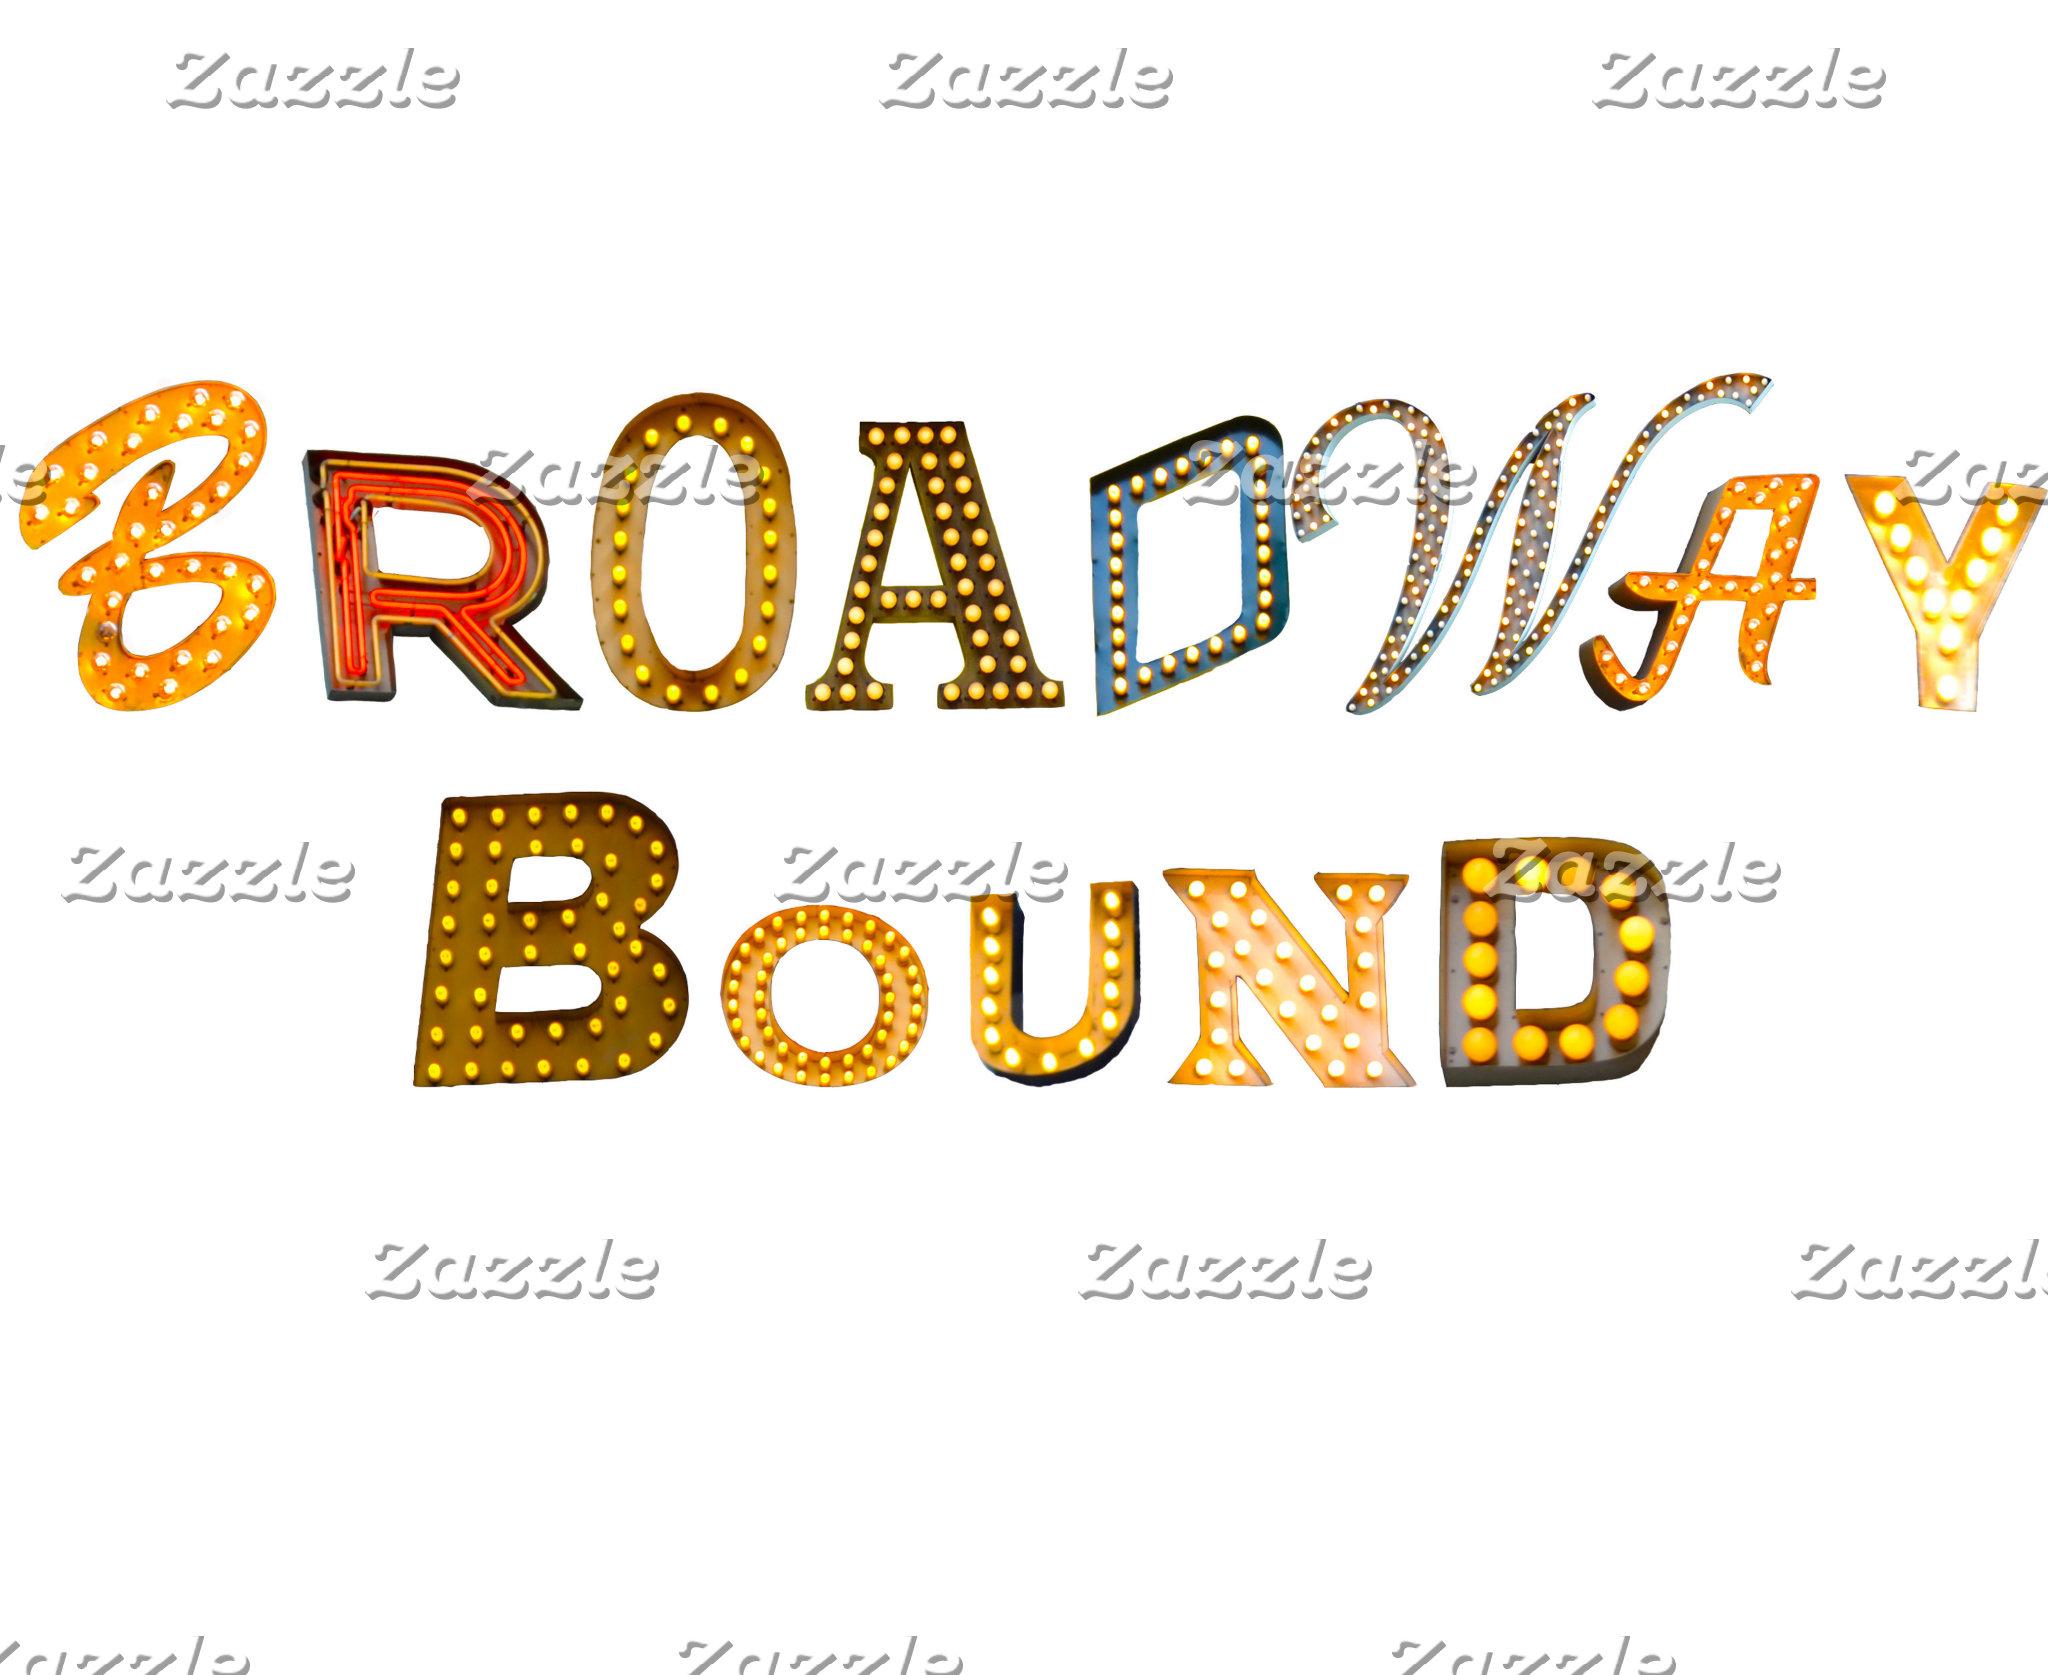 BwayBound